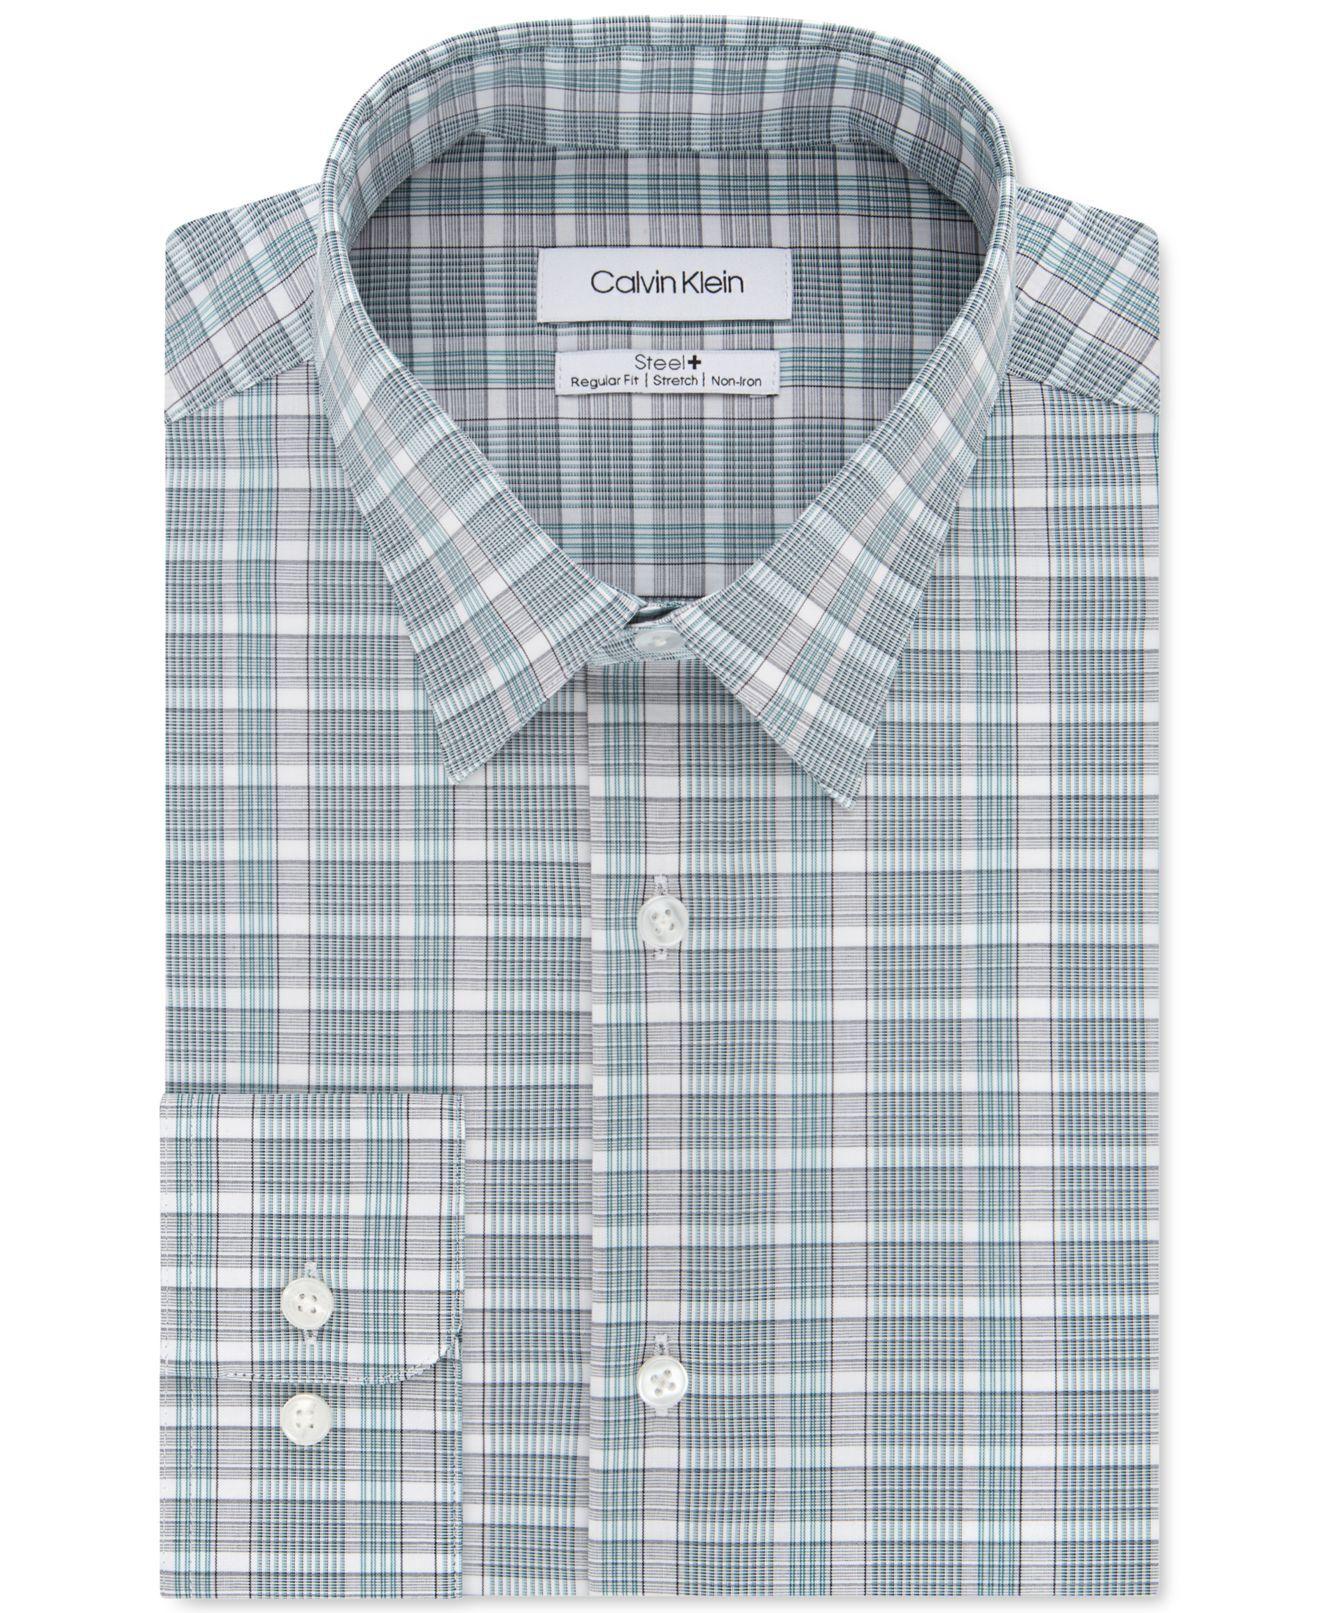 Calvin Klein Mens Dress Shirt Green Size 17 1/2 XL Check Regular Fit